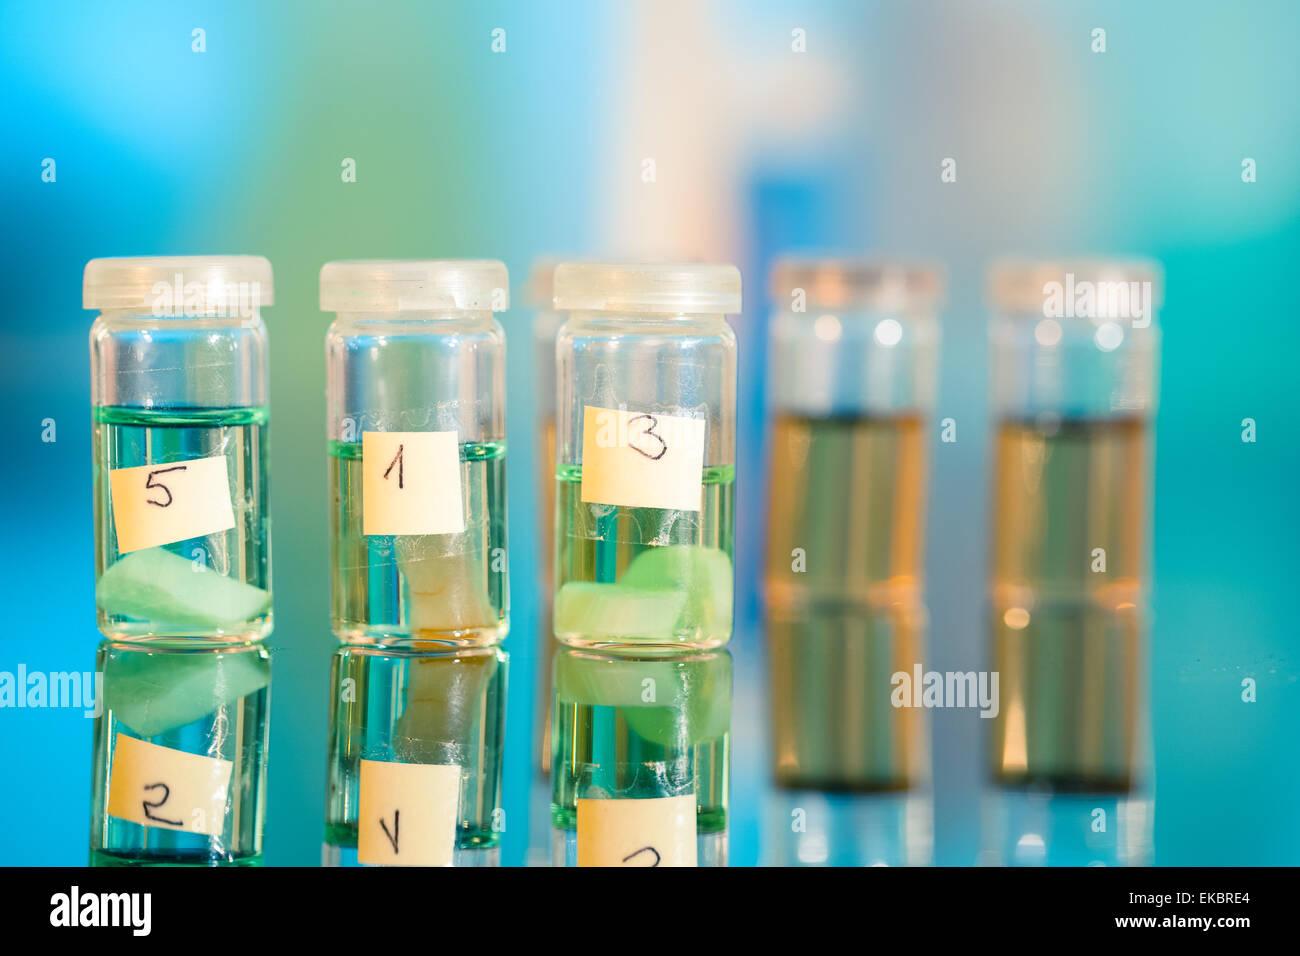 Tre campioni in fiale in plastica per microscopia e tessuto per biopsia Immagini Stock